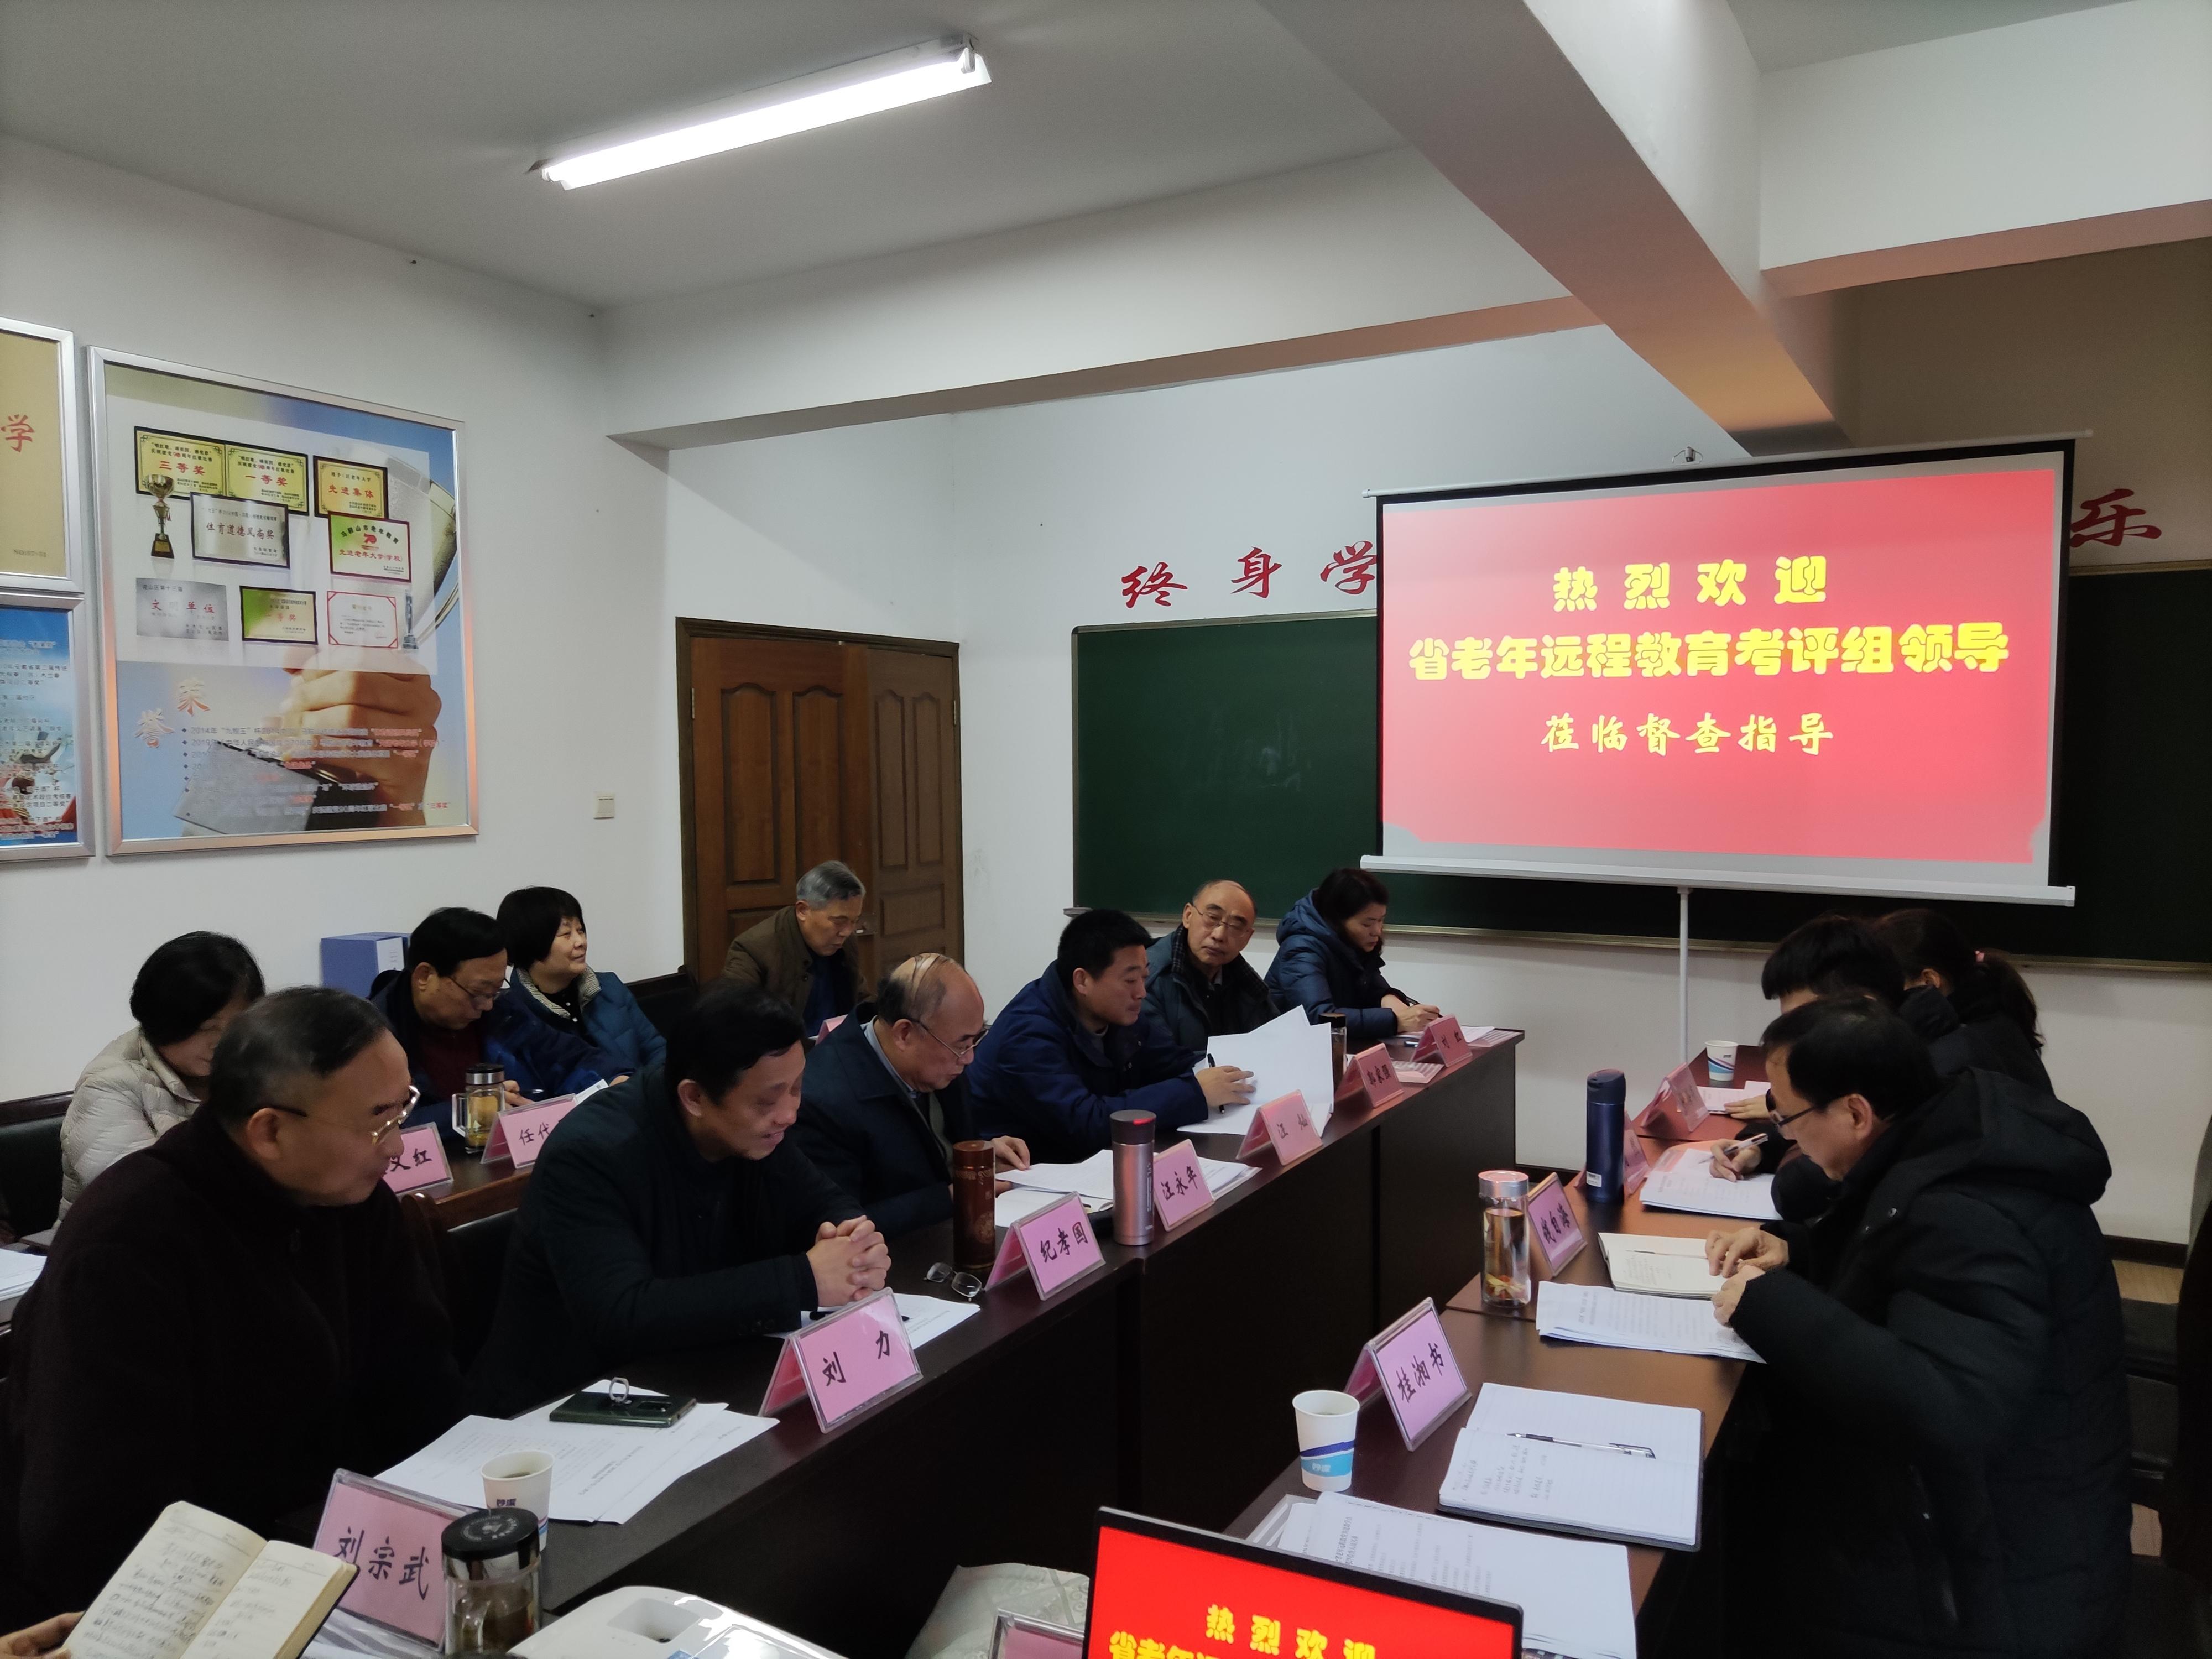 安徽老年远程教育共建教学点考评组赴马鞍山开展考评